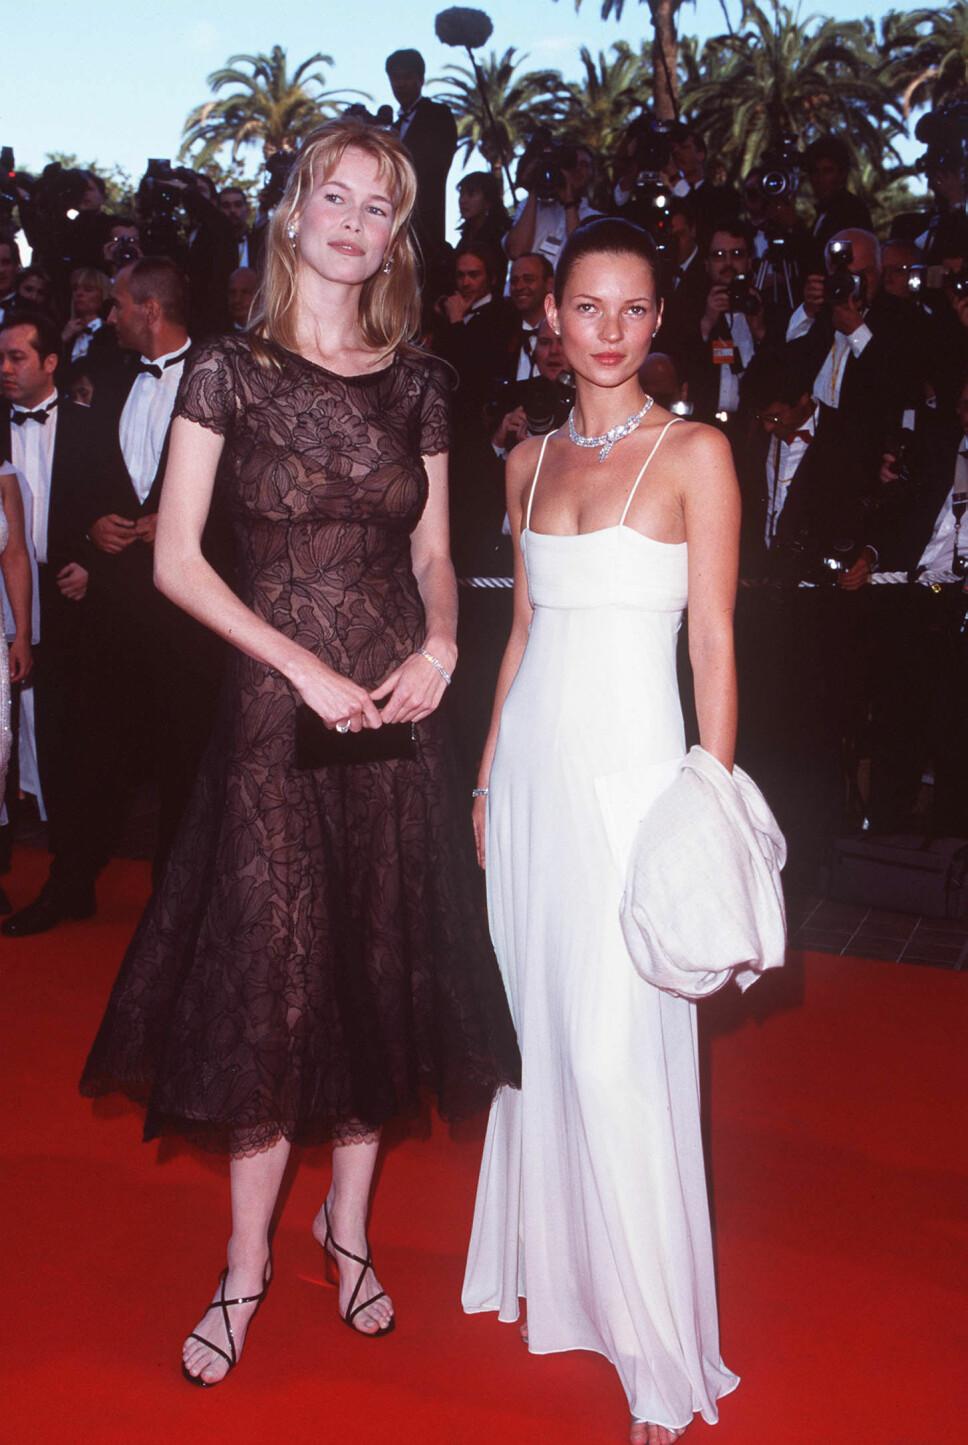 ENKELT: Kate Moss i en enkel, hvit silkekjole med spaghettistropper under filmfestivalen i Cannes i 1998. Her poserer hun på den røde løperen med modellkollega Claudia Schiffer.